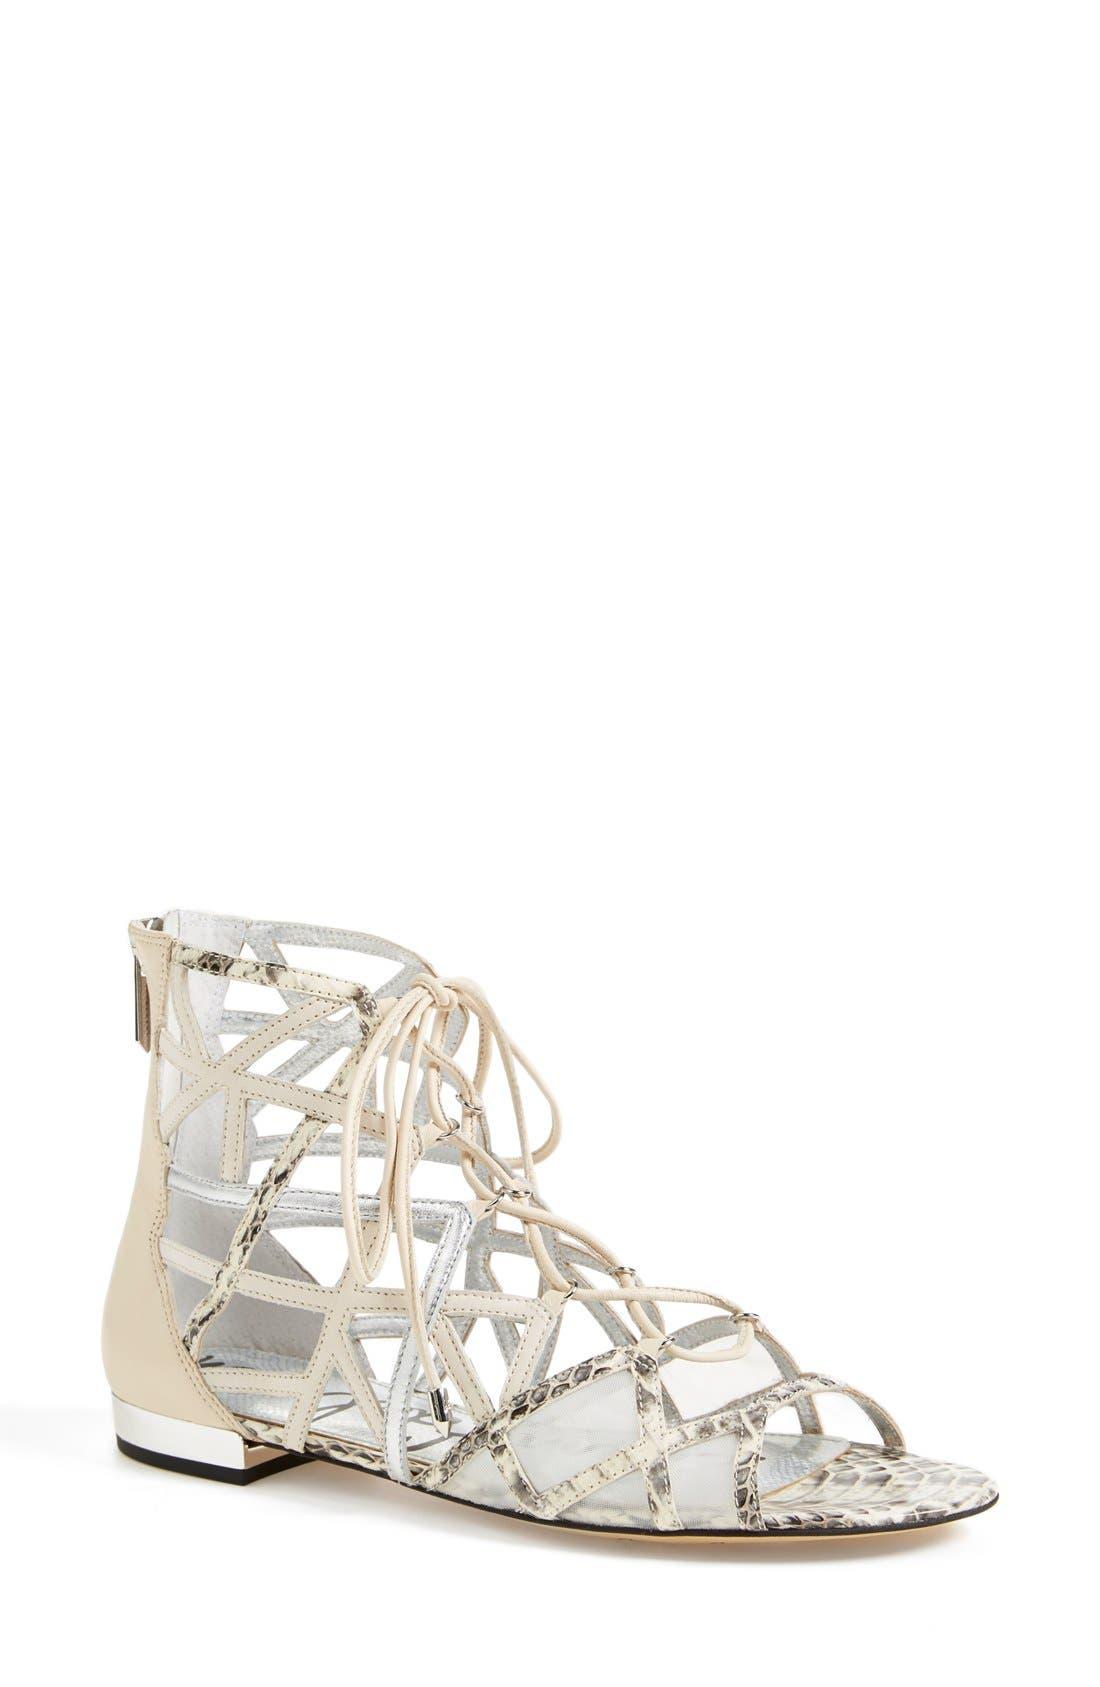 'Denver' Sandal,                         Main,                         color, Modern Ivory/ Soft Silver